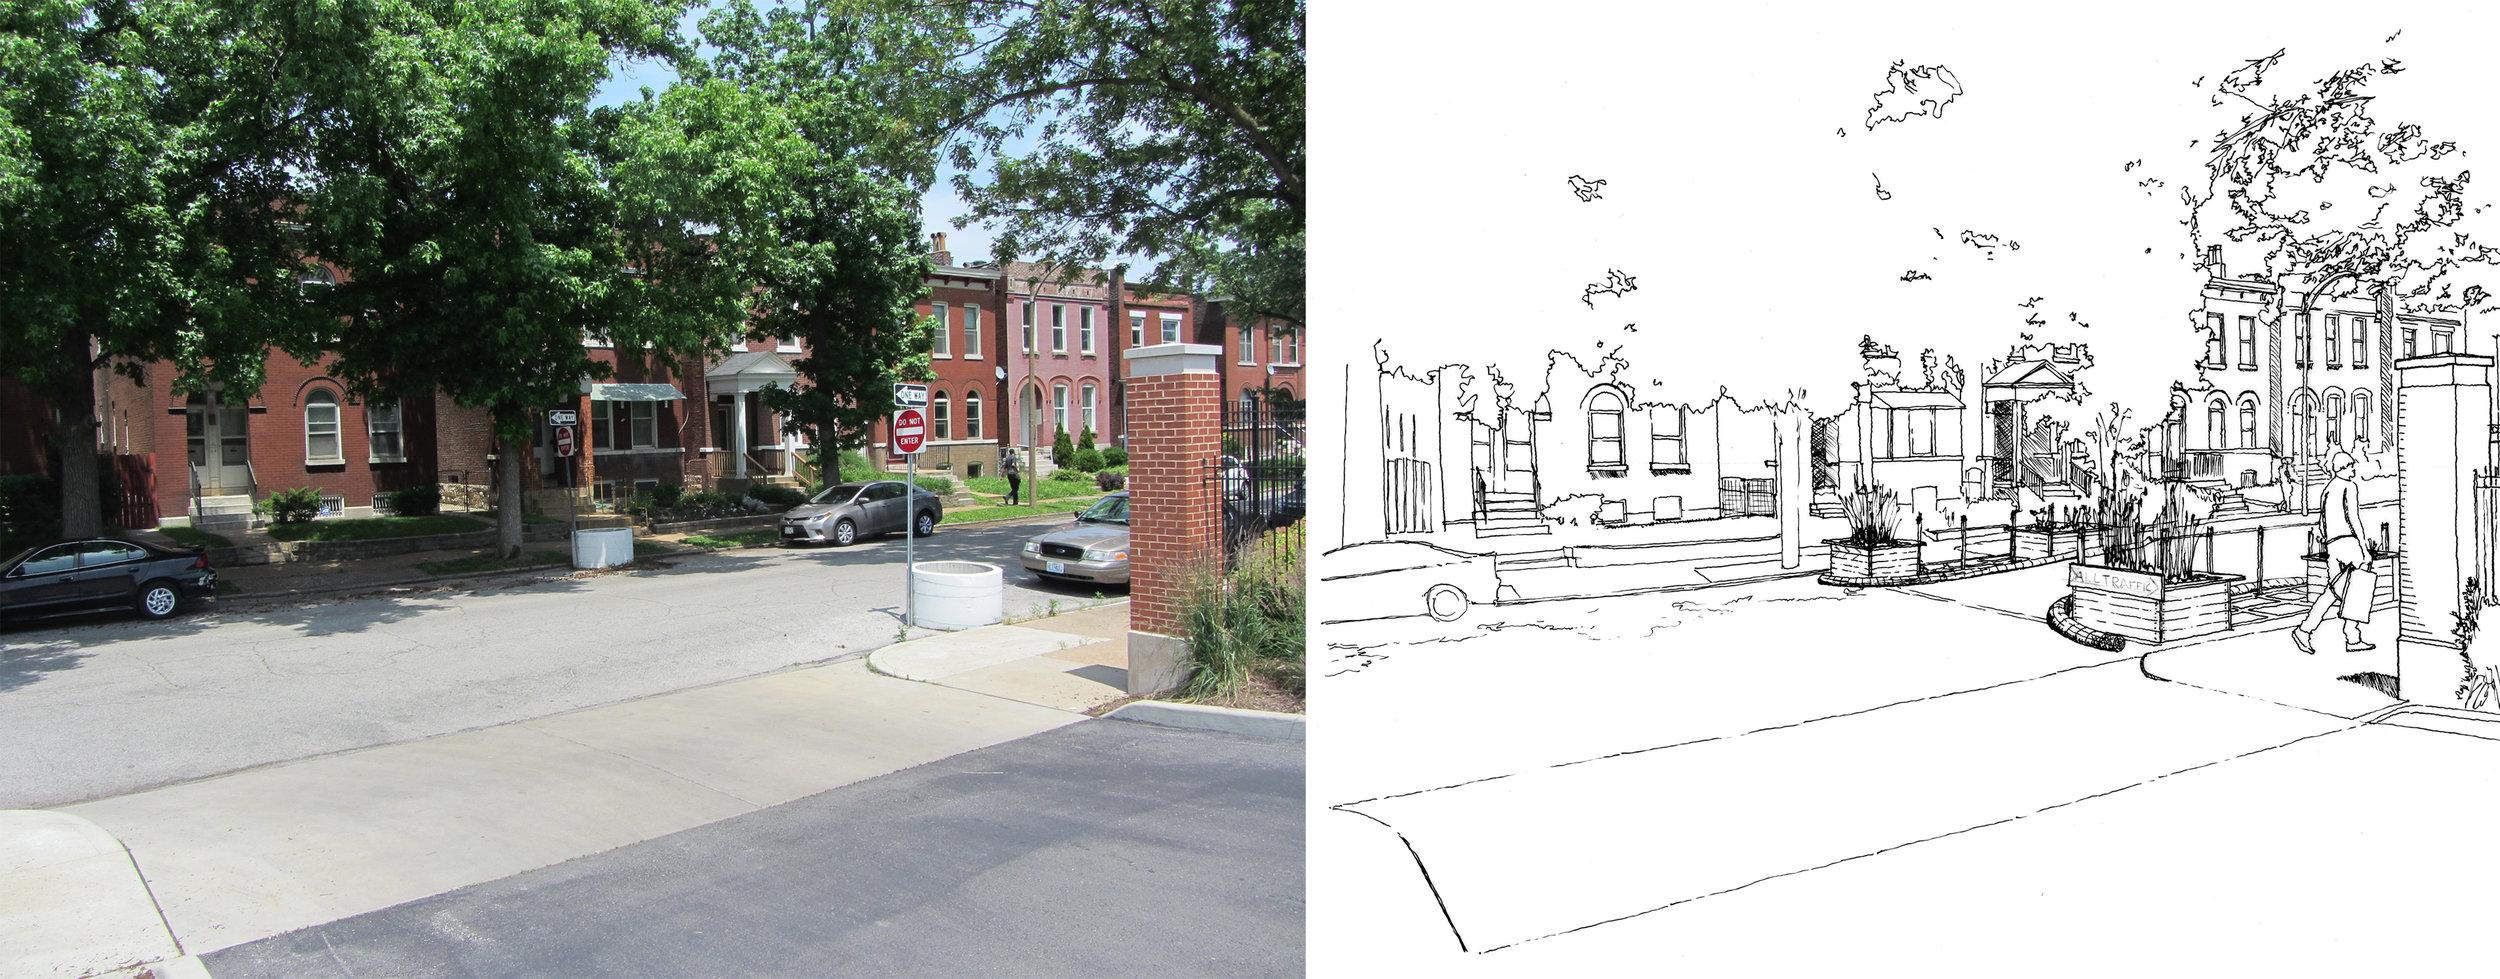 hartford before-after.jpg